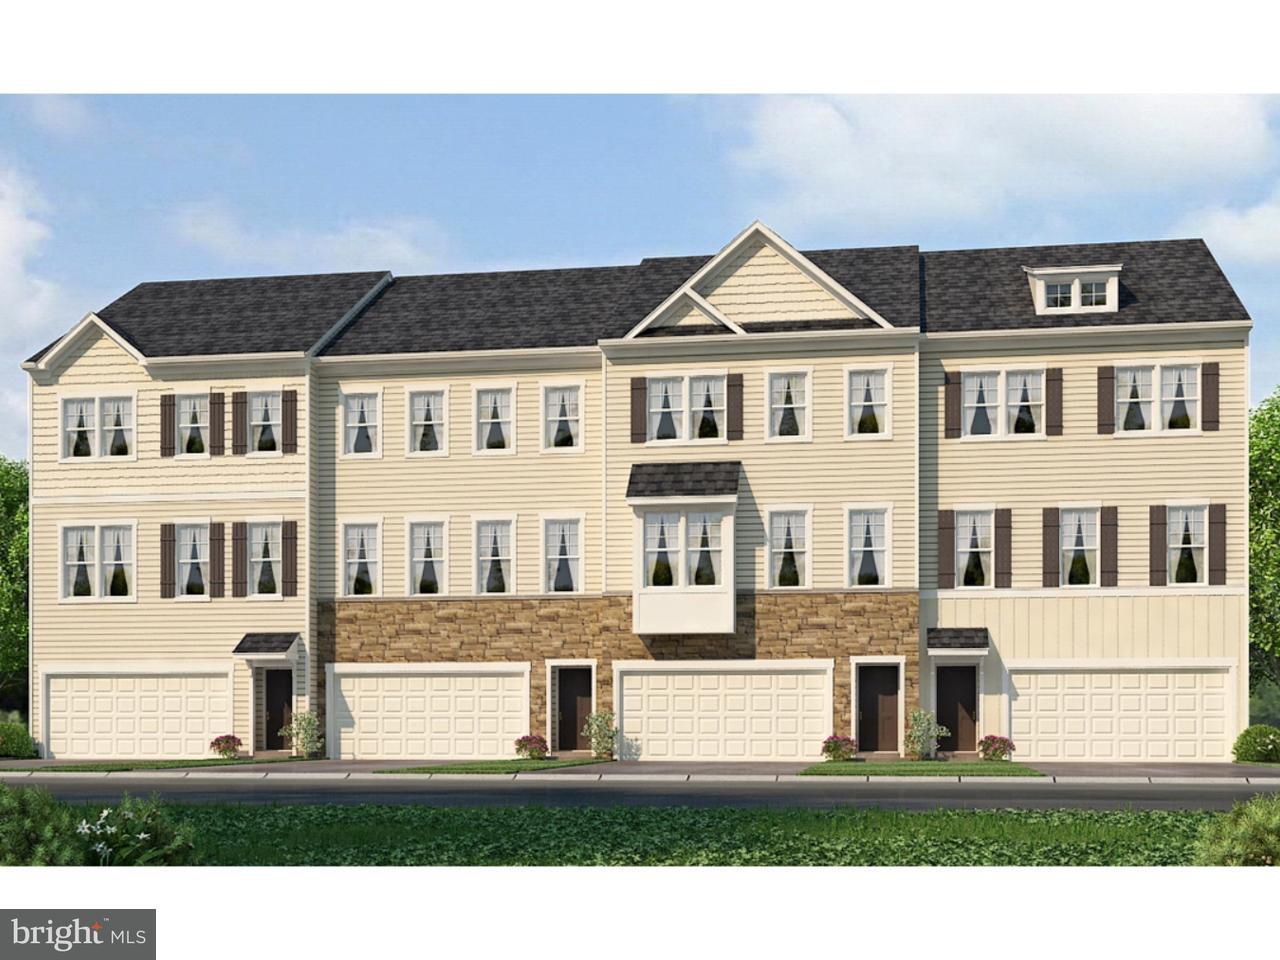 Radhus för Försäljning vid 18 SULLIVAN WAY Marlton, New Jersey 08053 Usa